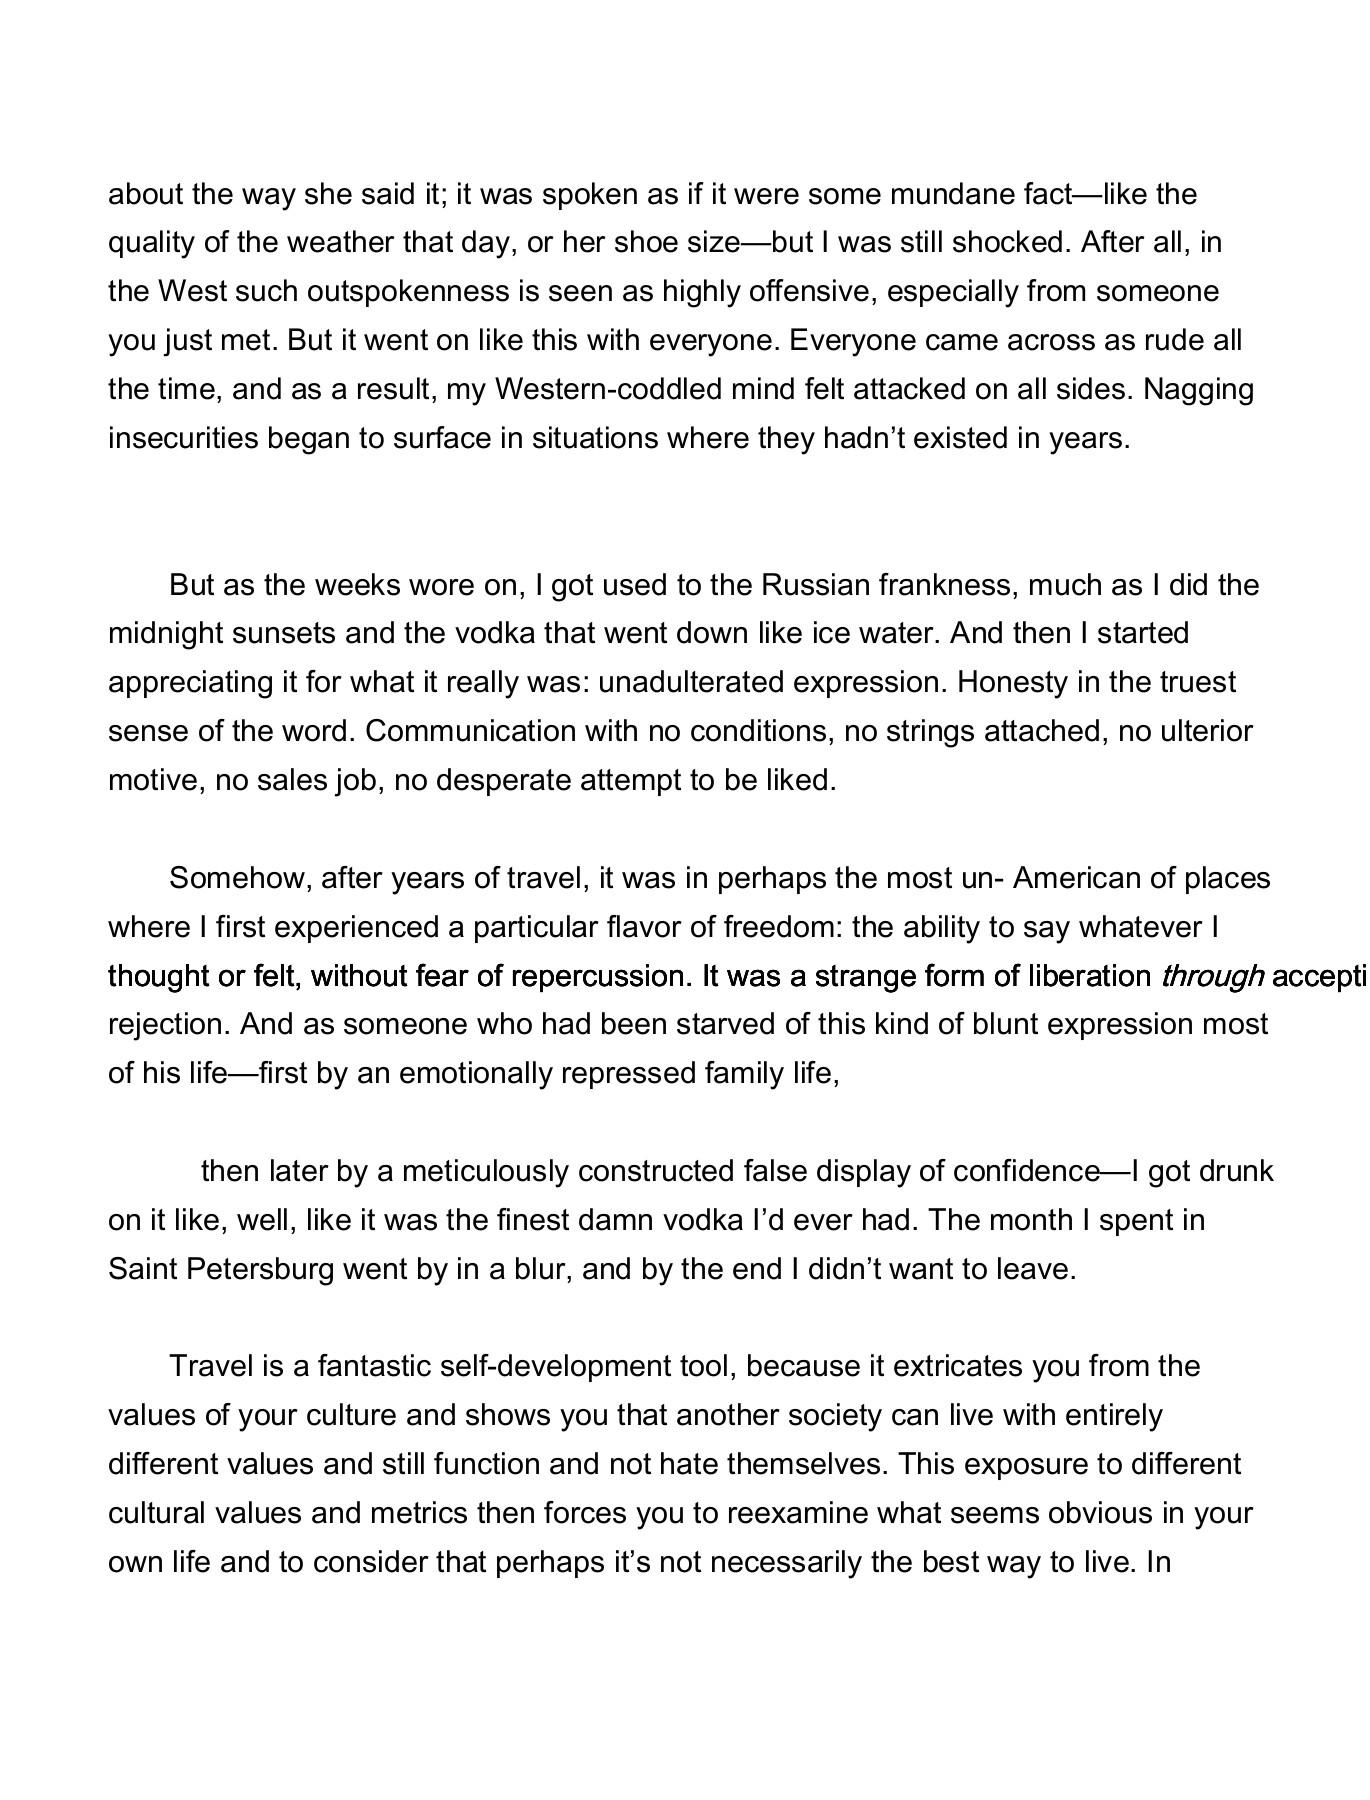 Sebuah Seni Bersikap Bodo Amat Pdf : sebuah, bersikap, Sebuah, Untuk, Bersikap, Amat.pdf, Pages, 151-199, PubHTML5